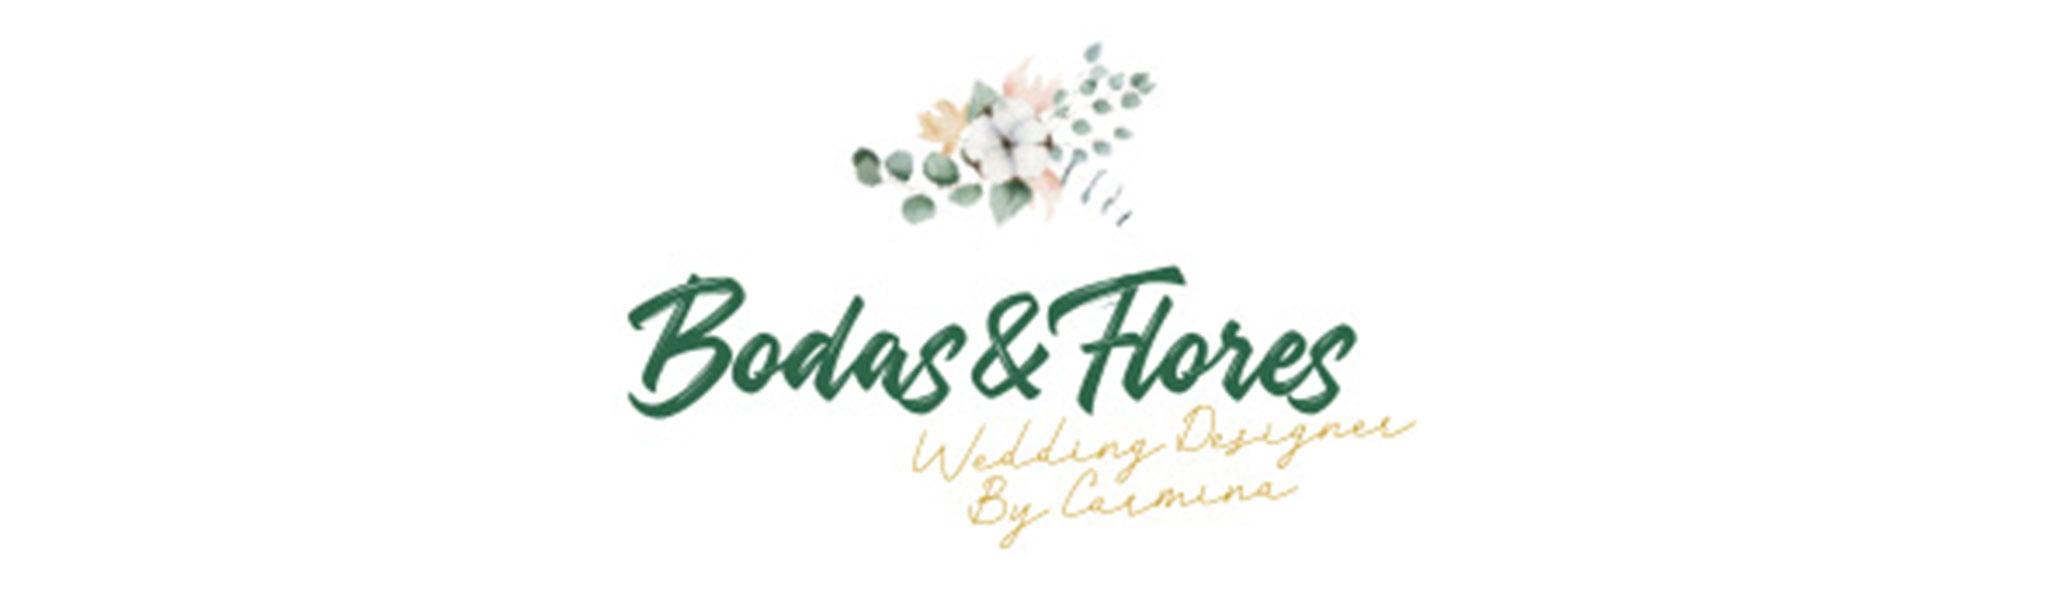 Logo de mariage et de fleurs